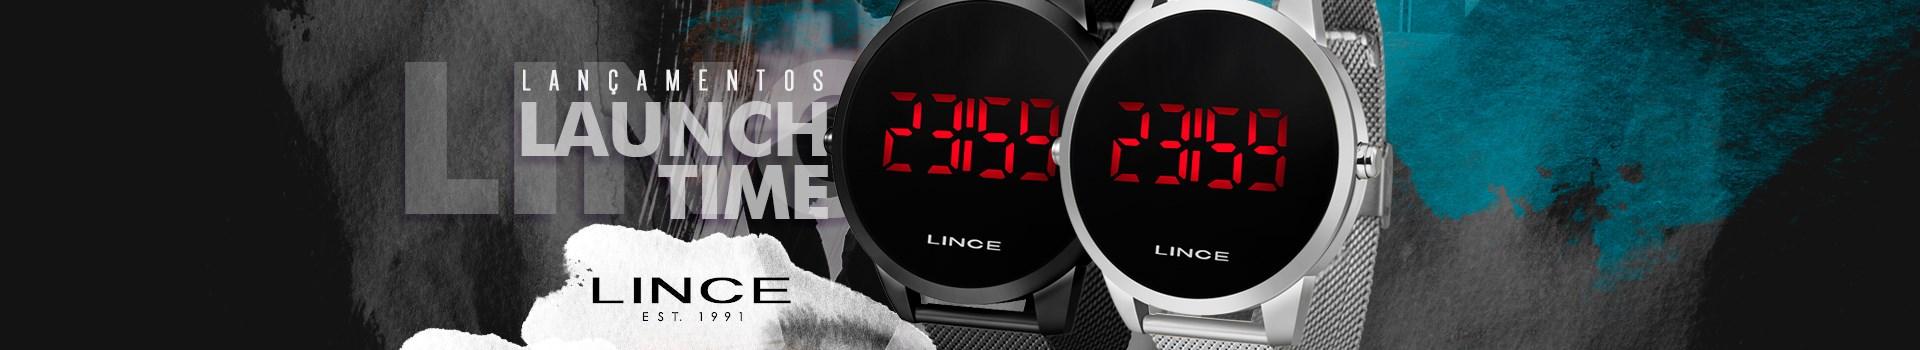 Lançamentos - Relógio Lince LED